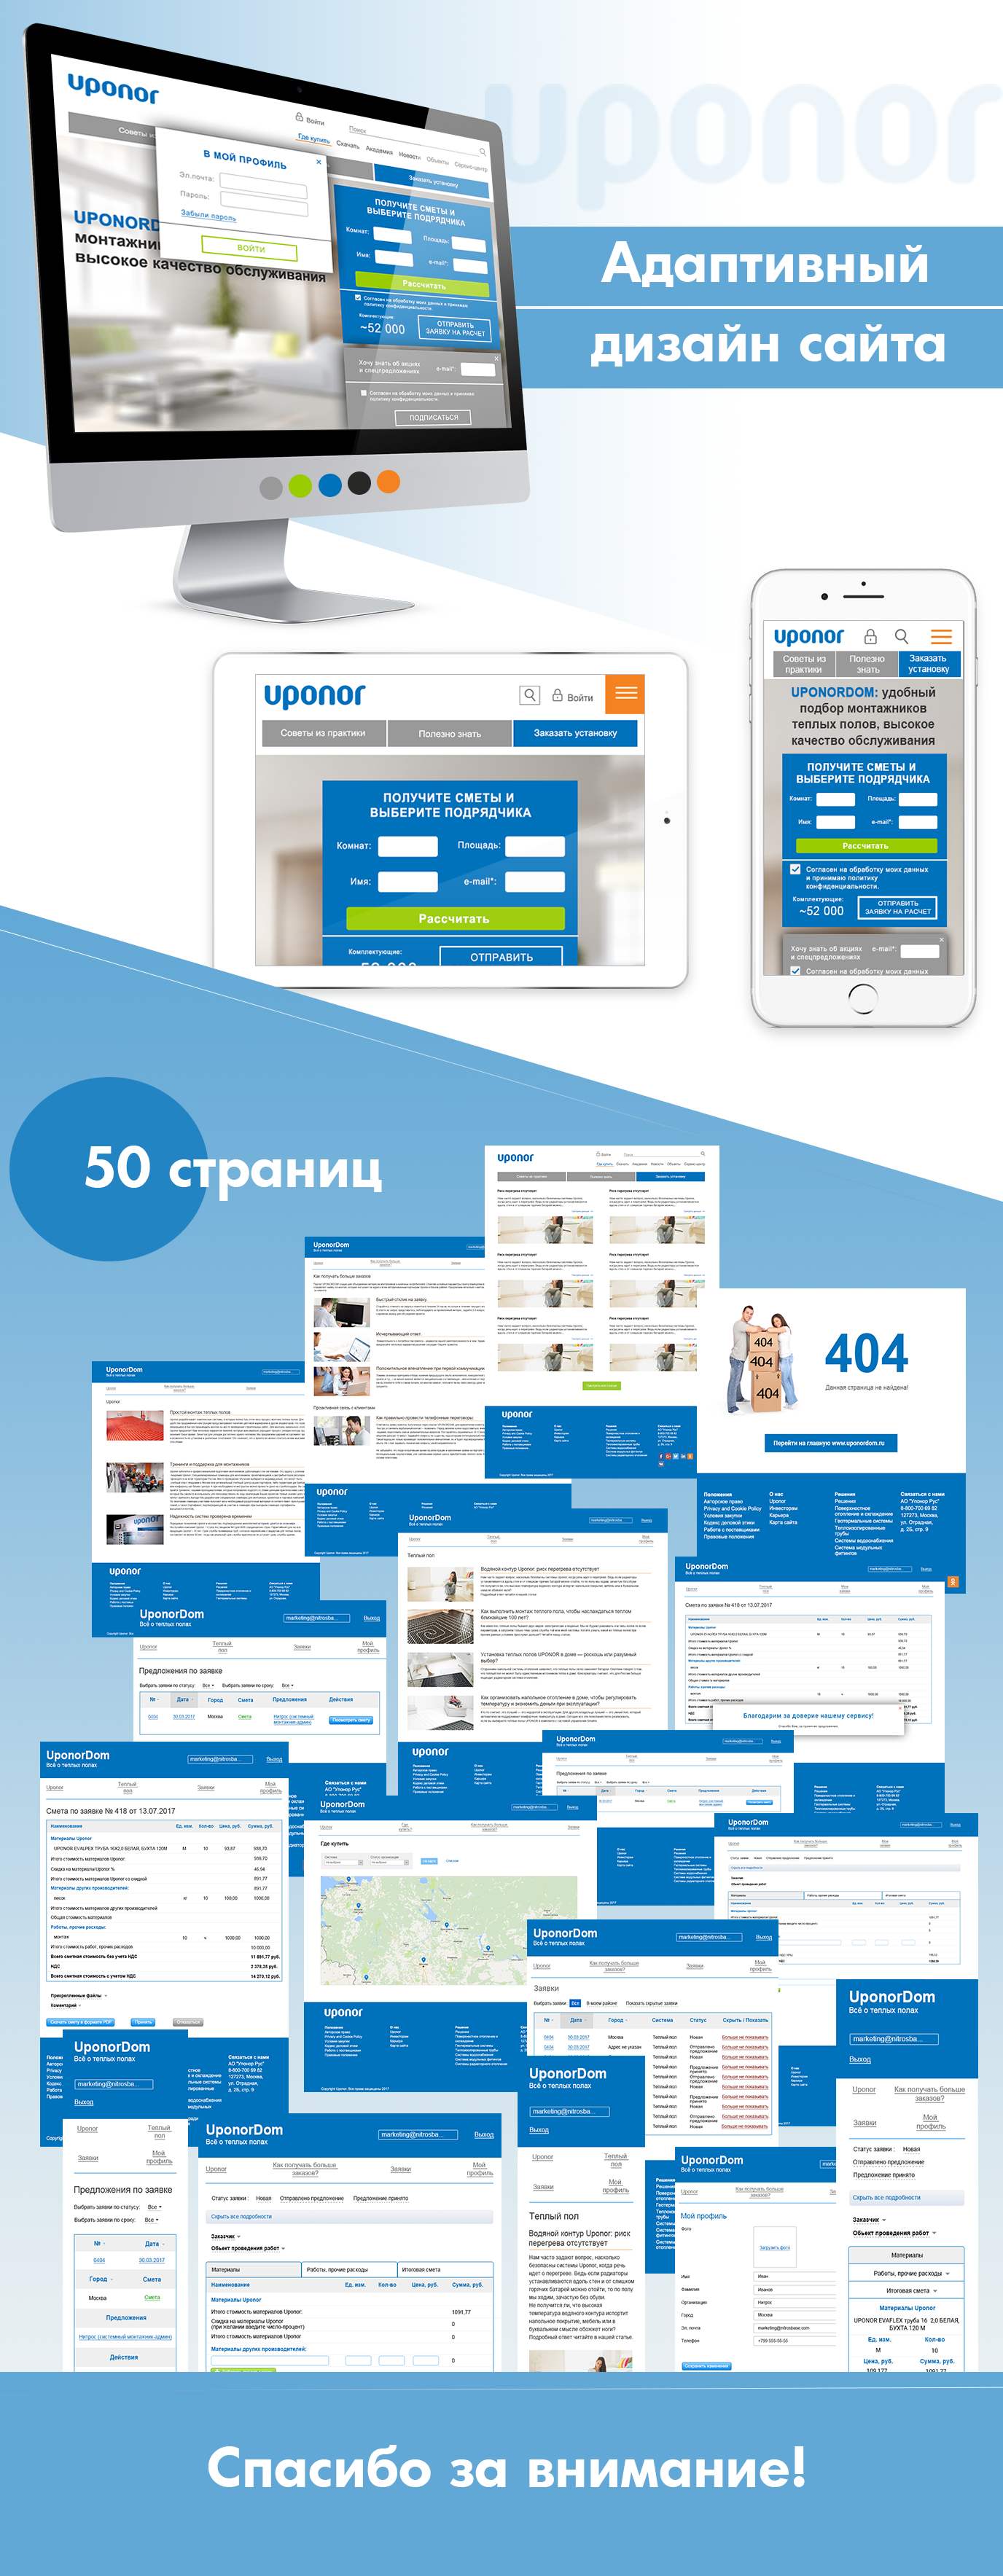 www.uponordom.ru